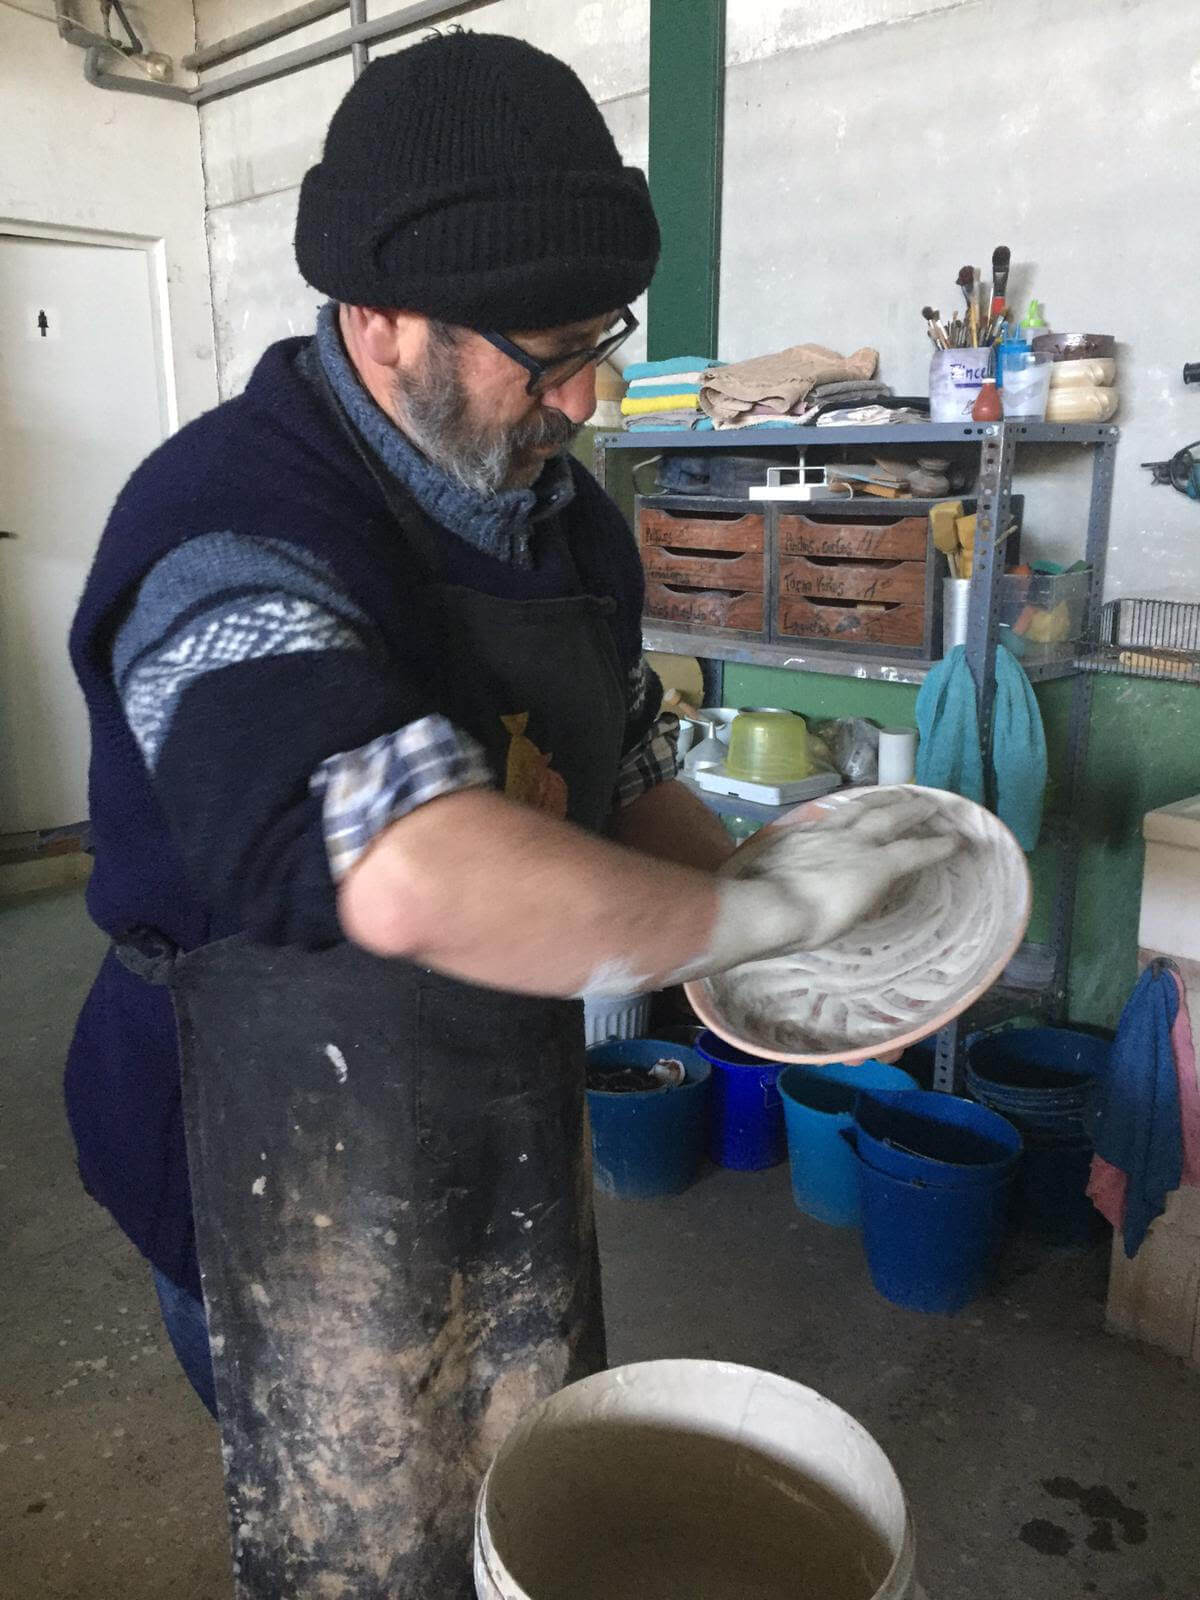 course-ceramic-buncheong-cerdeira-jose-gil-alvaro-villamanan-21.jpg